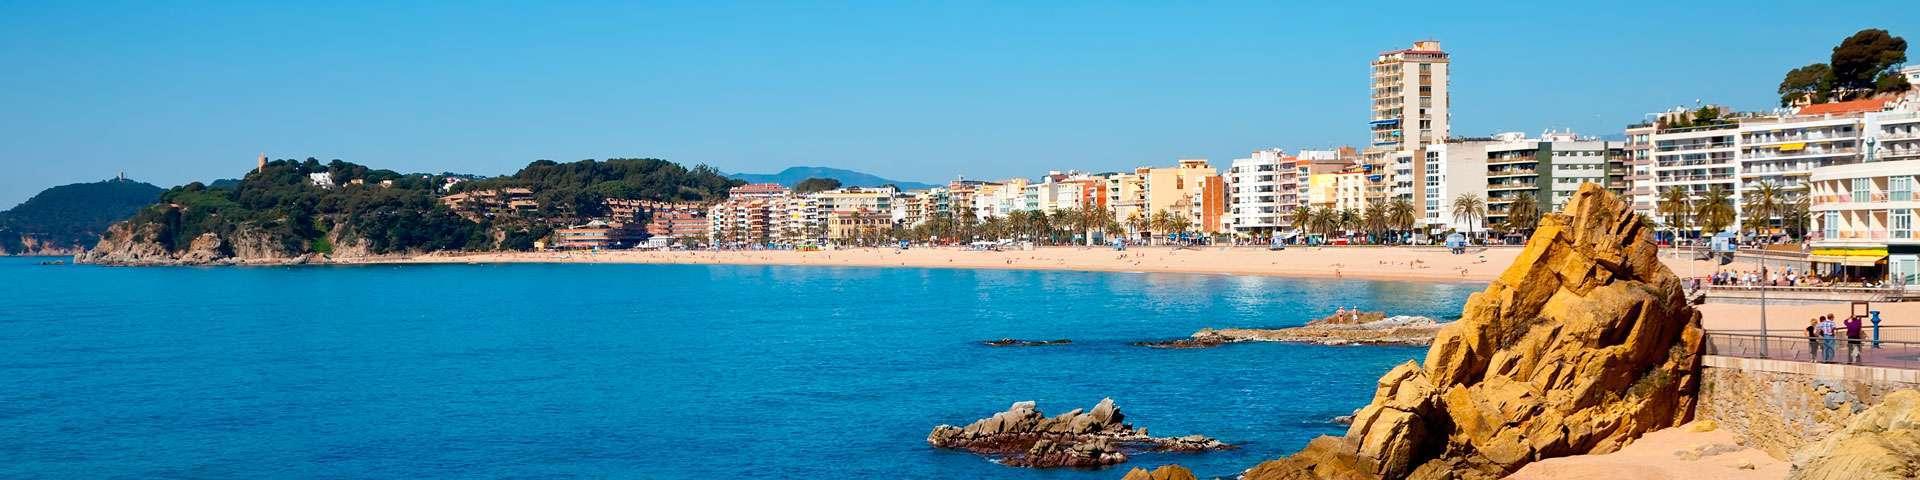 Vivre à Llorte de Mar Costa Brava en Espagne